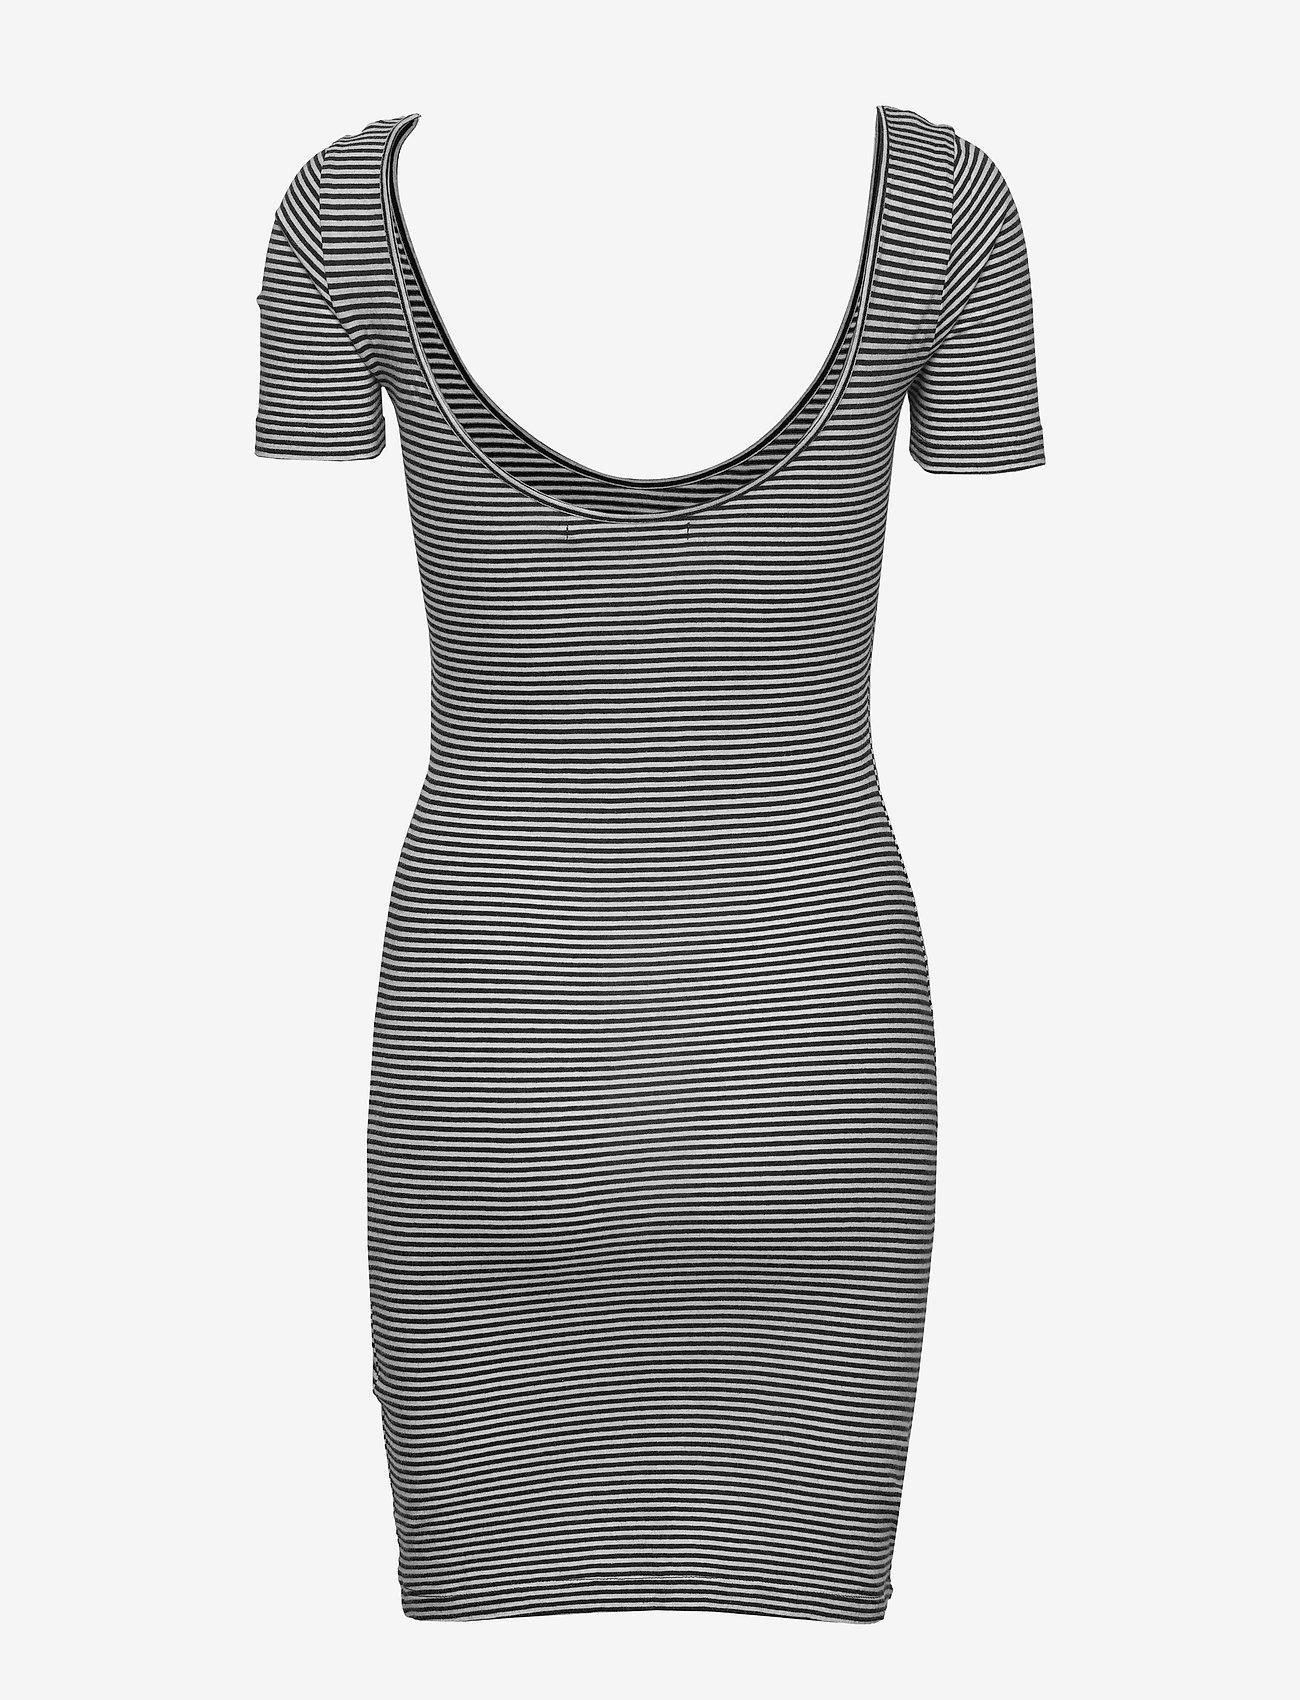 Calvin Klein Jeans - MONOGRAM STRIPE BALLET DRESS - t-skjortekjoler - bright white / ck black - 1